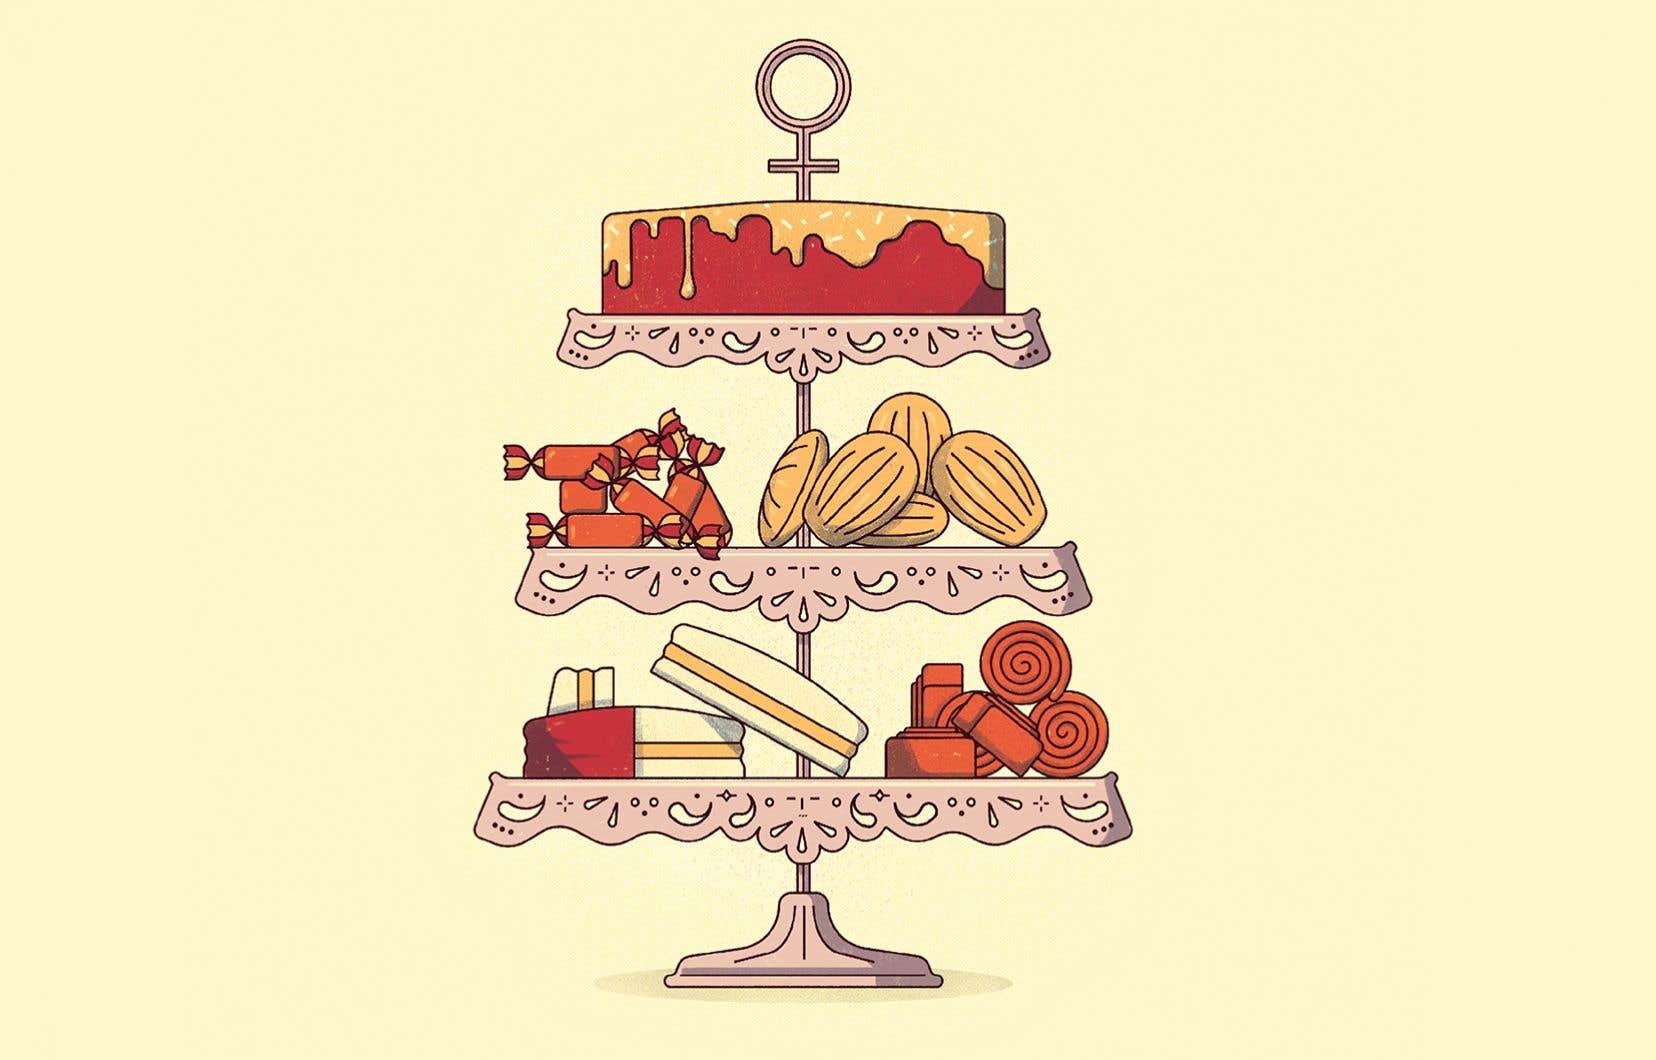 Notre patrimoine culinaire regorge de desserts aux noms féminins. Voici la petite histoire de cinq d'entre eux.